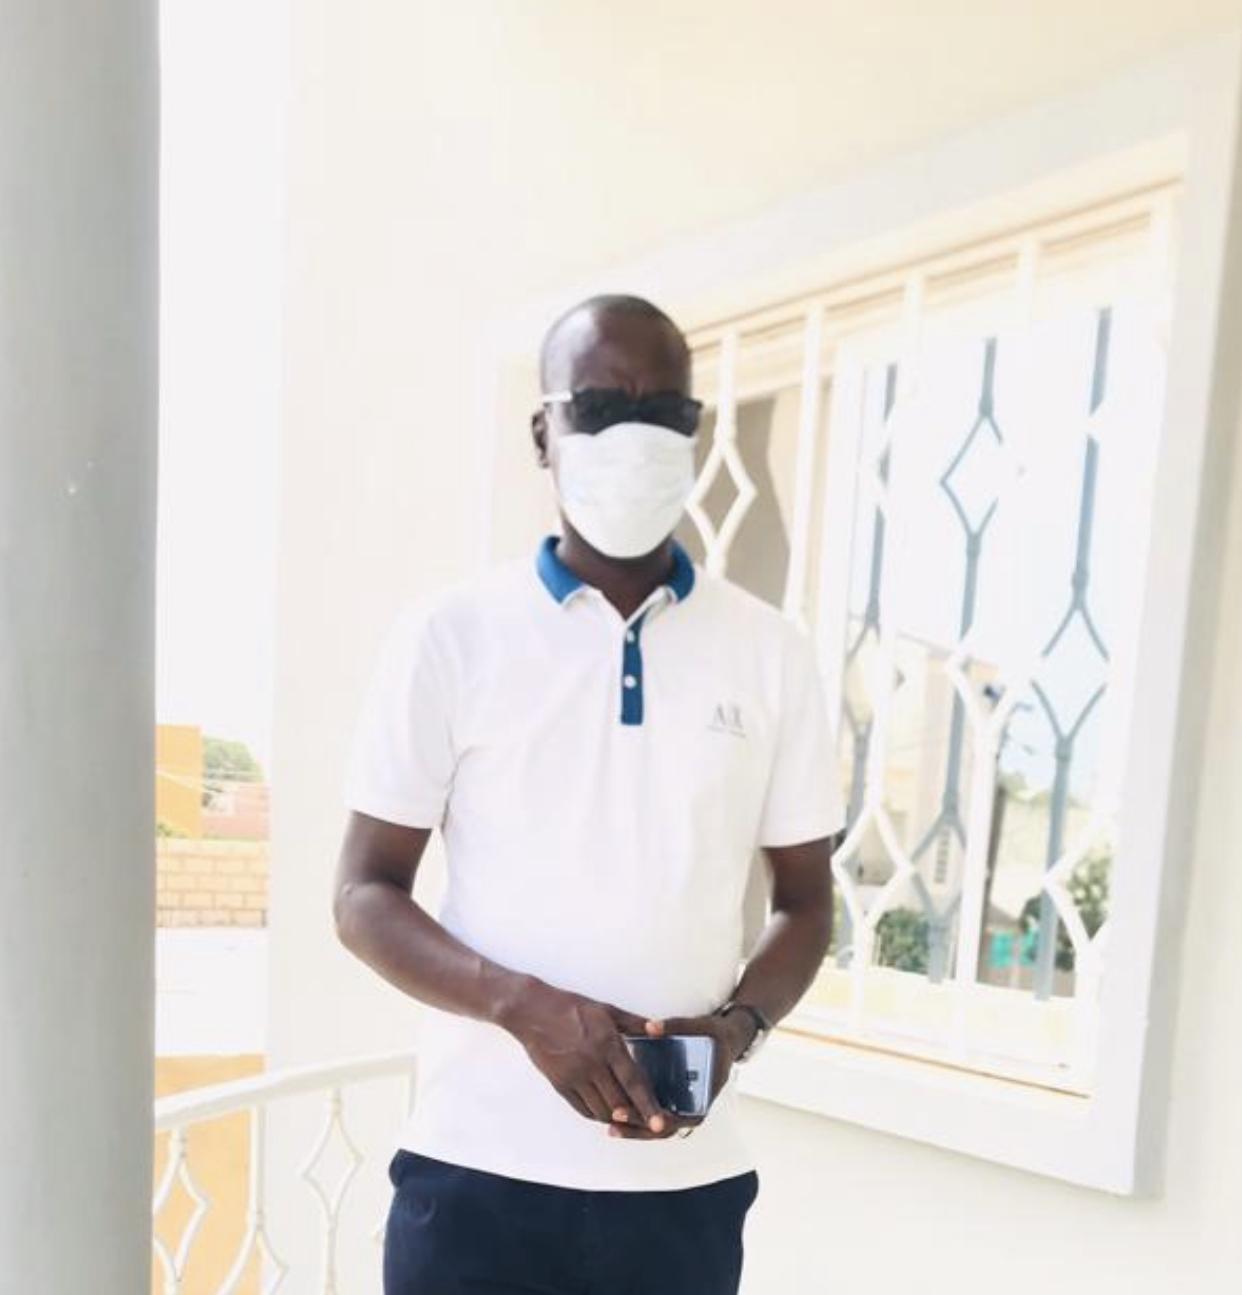 Mbour / Réunion d'urgence sur la Covid-19 : Le président de l'Odcav propose la fermeture durant un mois, des régions de Thiès, Diourbel, Dakar et Ziguinchor.